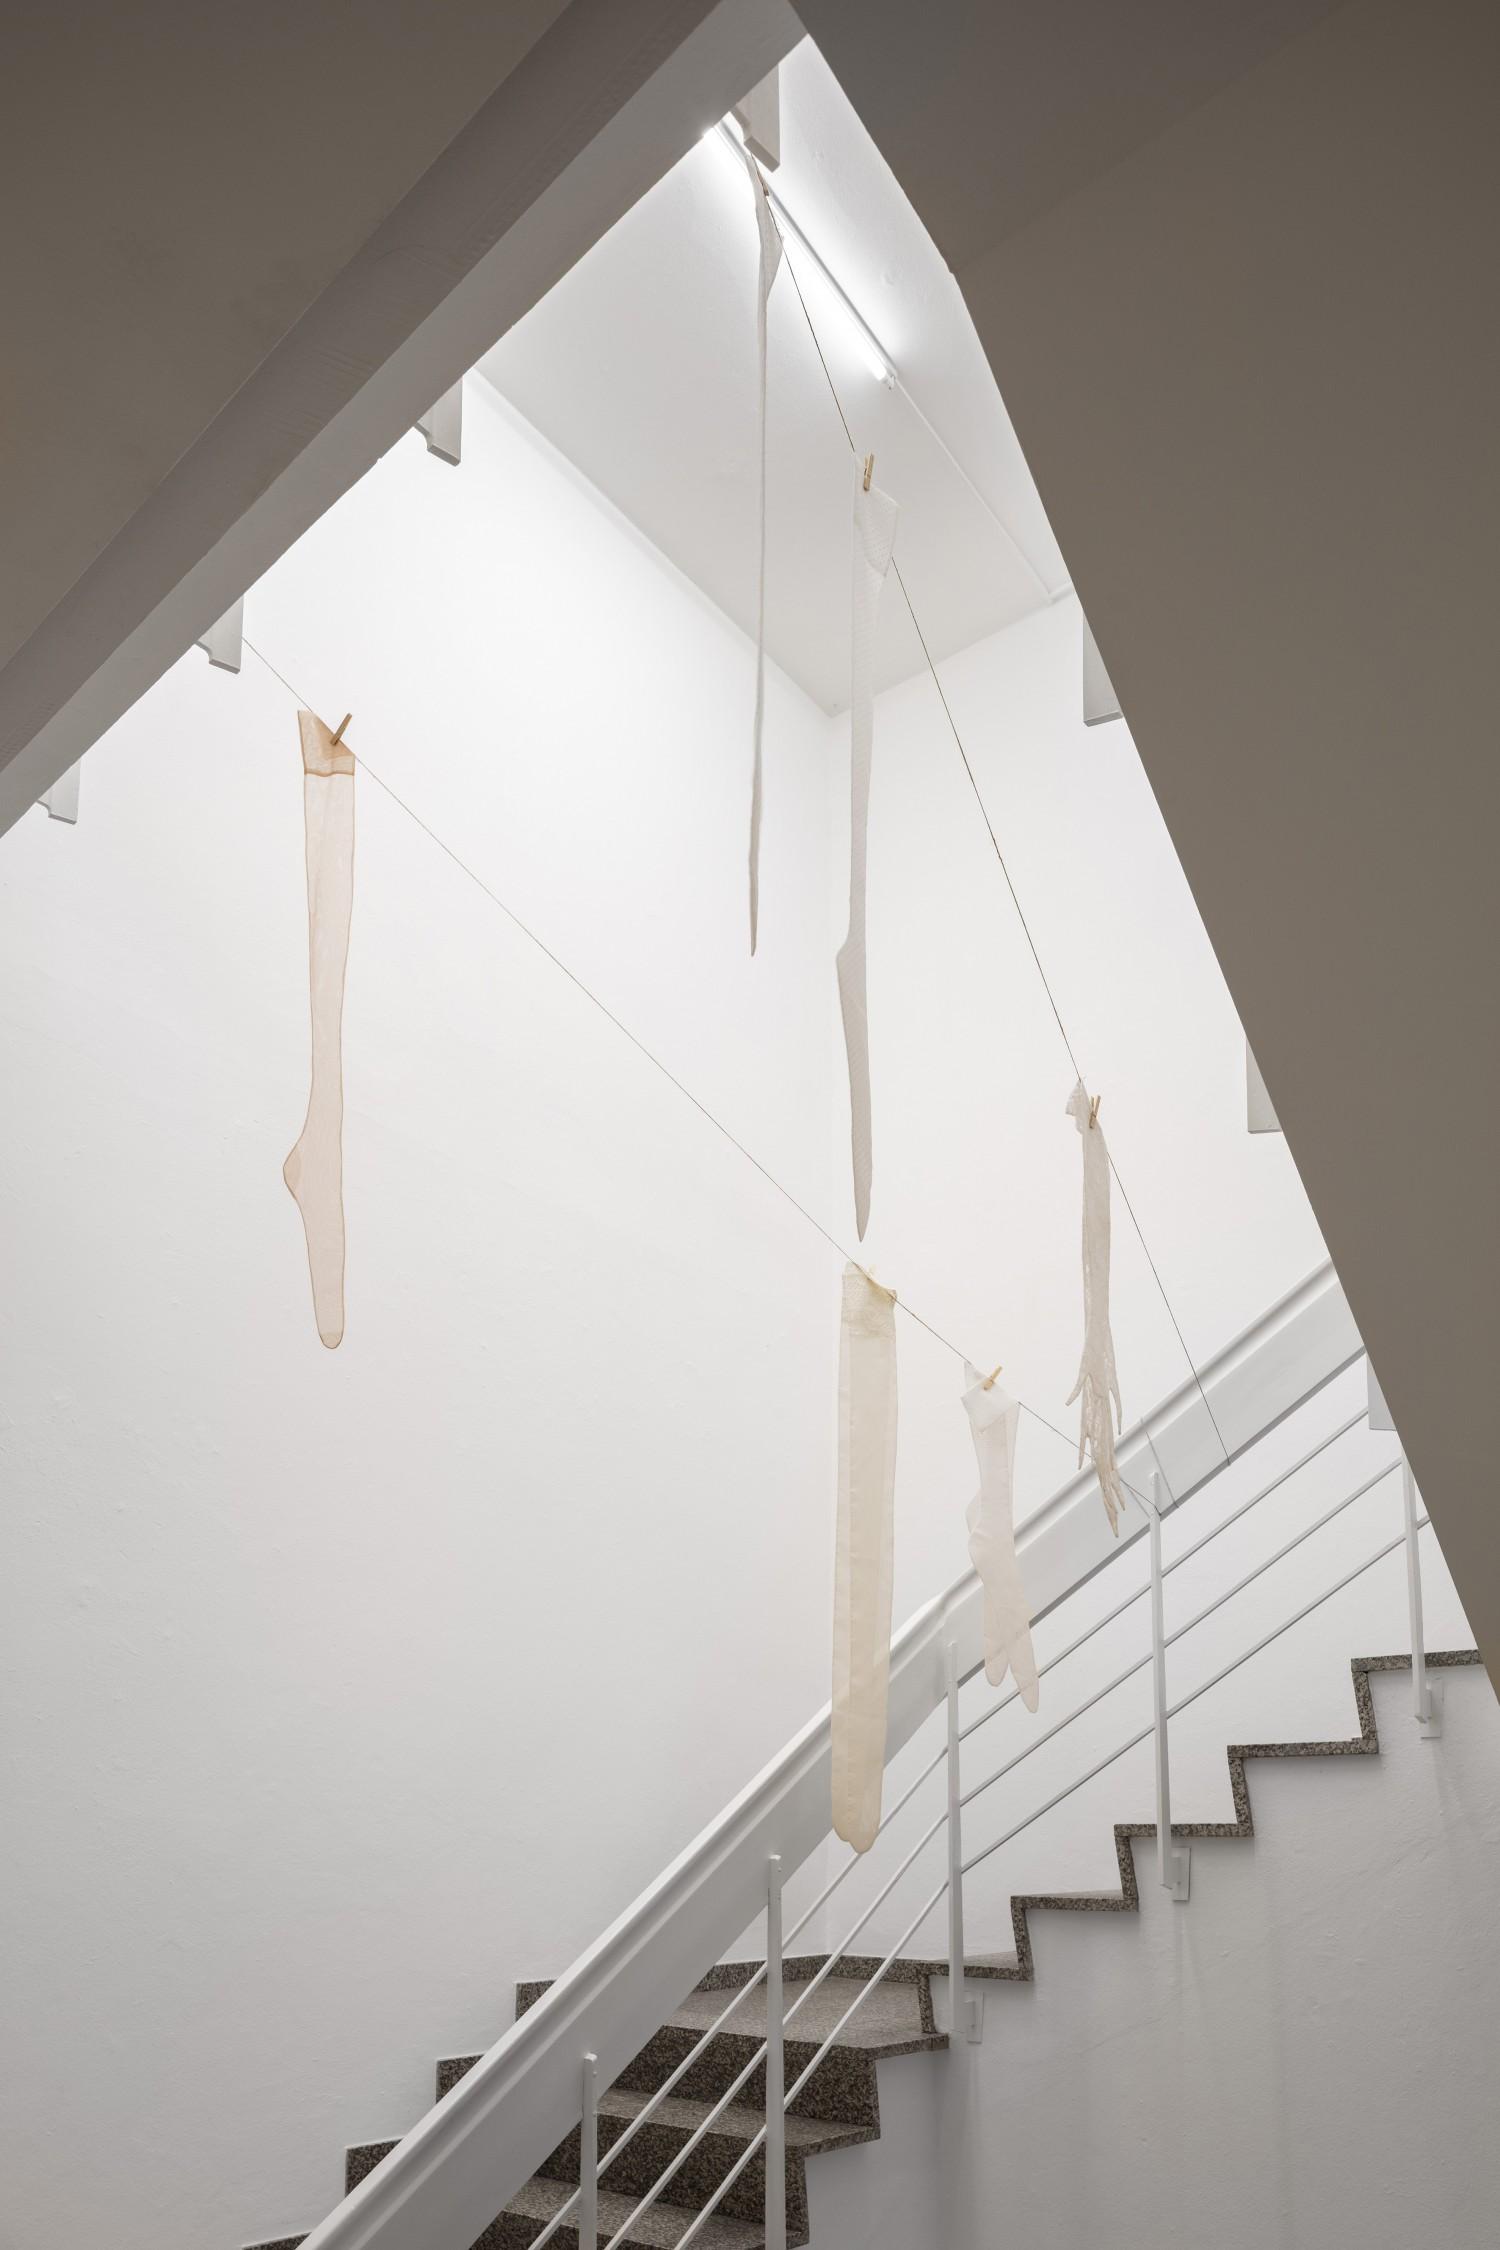 """Im Treppenhaus des Kunstvereins hängen sechs übergroße Seidenstrümpfe von einer Wäscheleine. Julie Béna schafft mit der Arbeit """"Le déshabillé"""" eine Irriation der Empfindung von Dimension und Raum."""